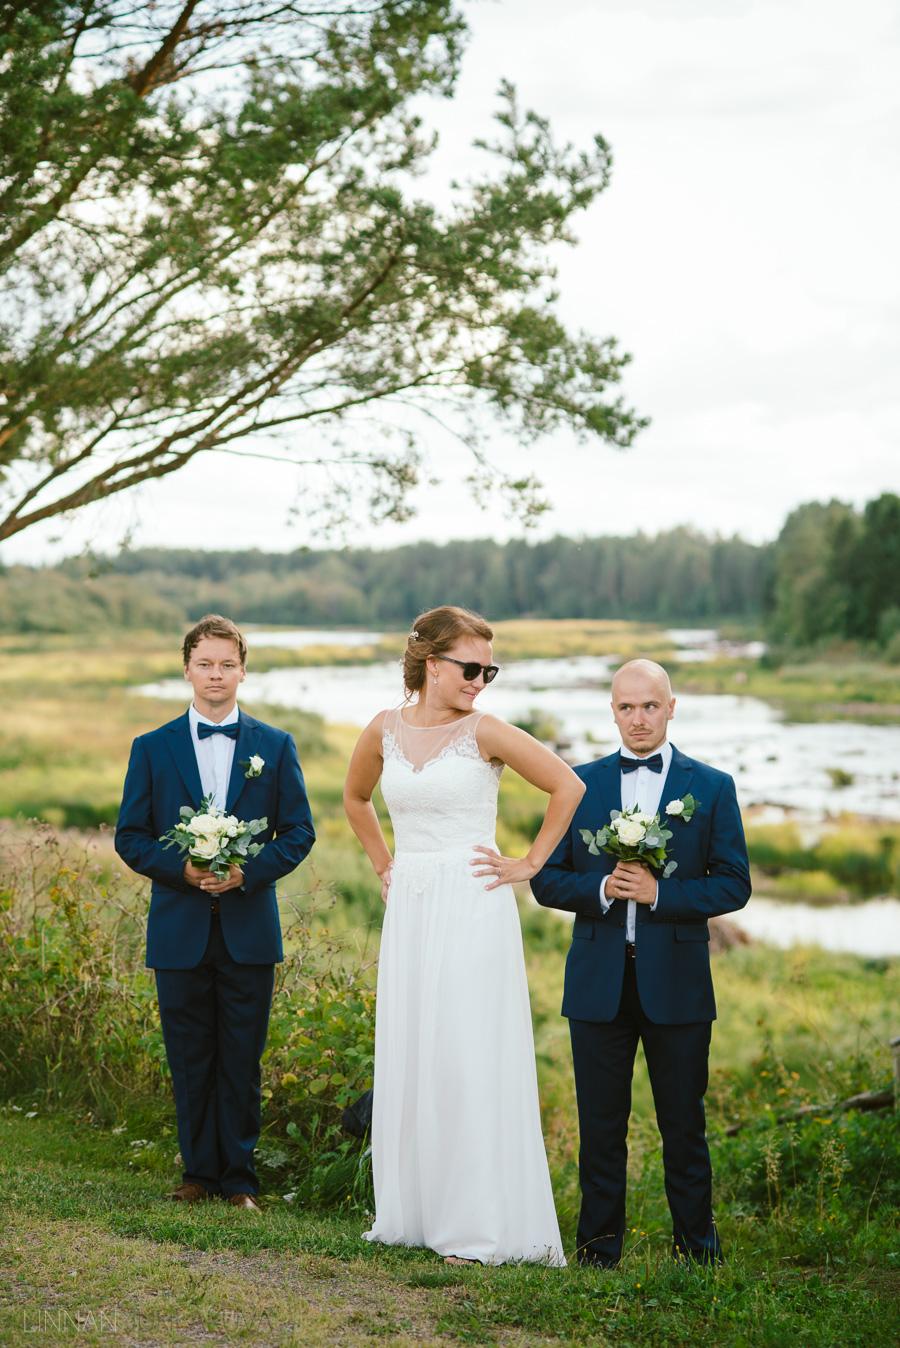 häät-törmälän-tila-linnan-juhlakuva-45.jpg